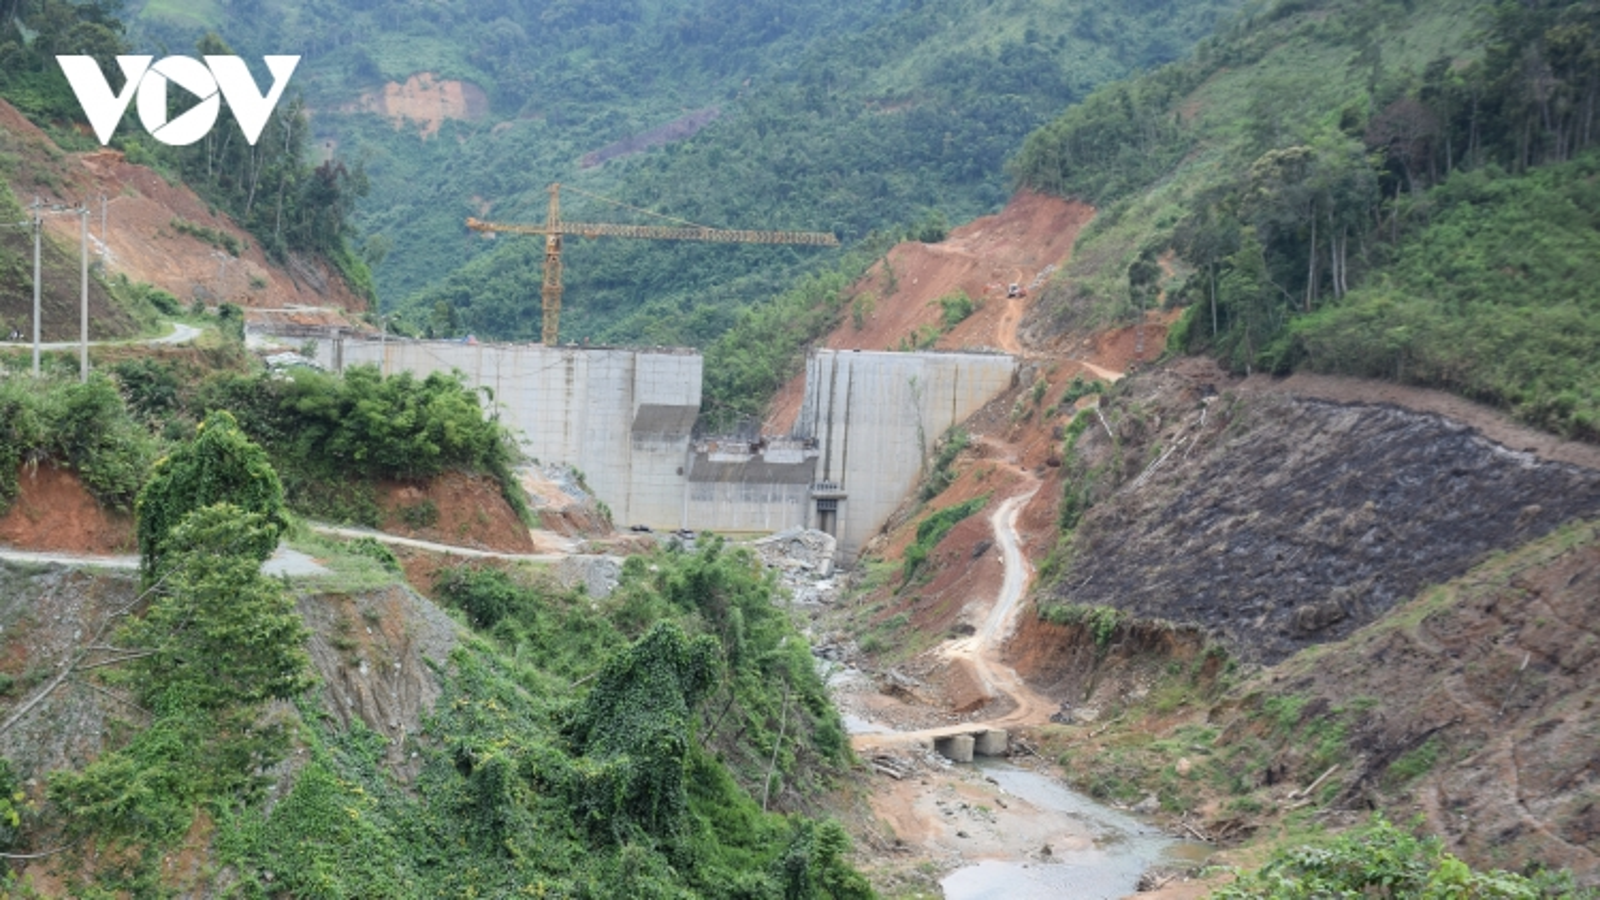 Cận cảnh thủy điện Tr'Hy 13 năm xây chưa xong, cây rừng bị chặt ngổn ngang